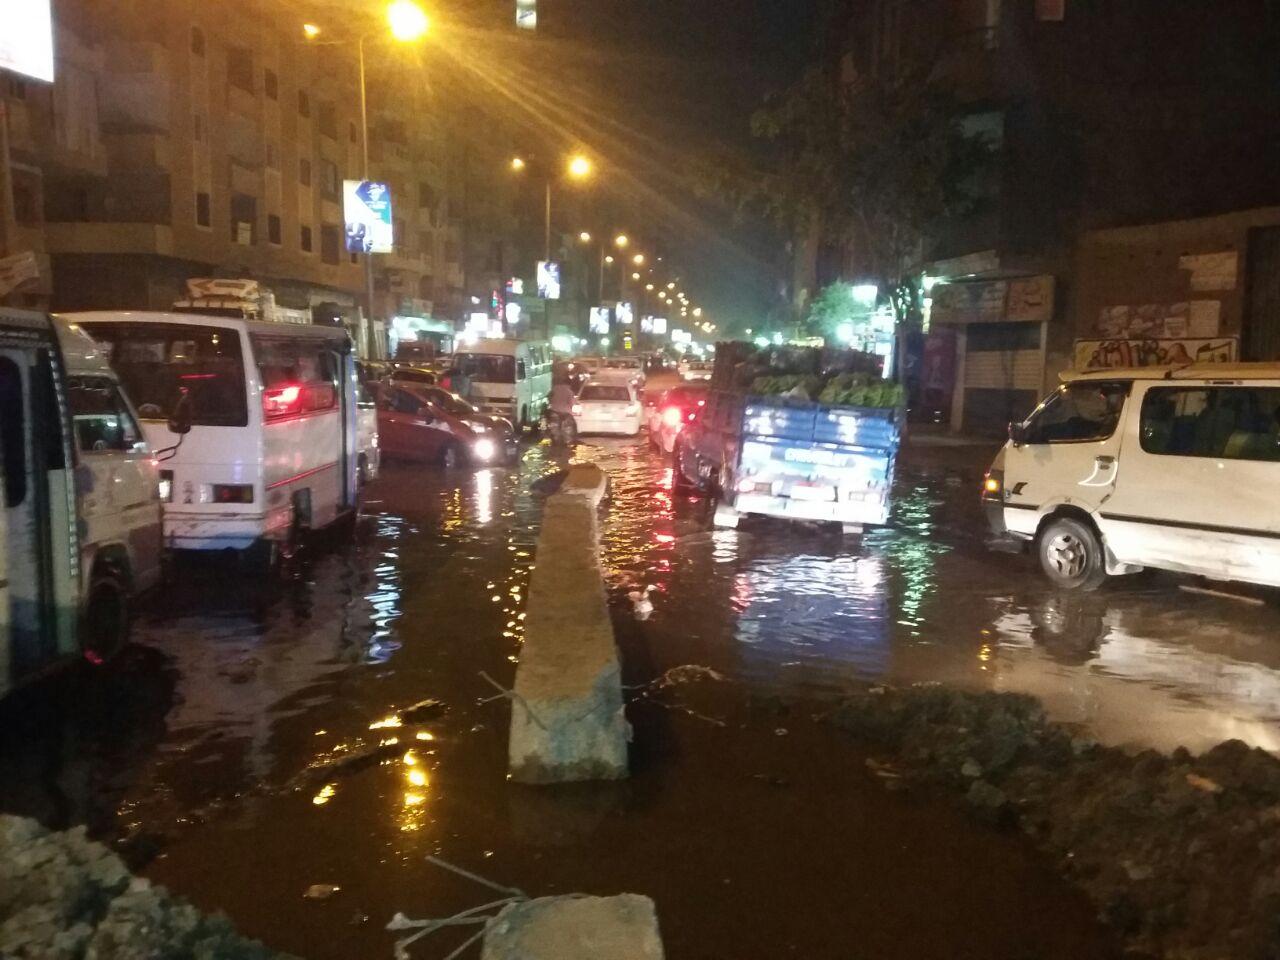 بالصور.. انفجار ماسورة صرف يغرق شوارع في إمبابة.. ويعرقل المرور